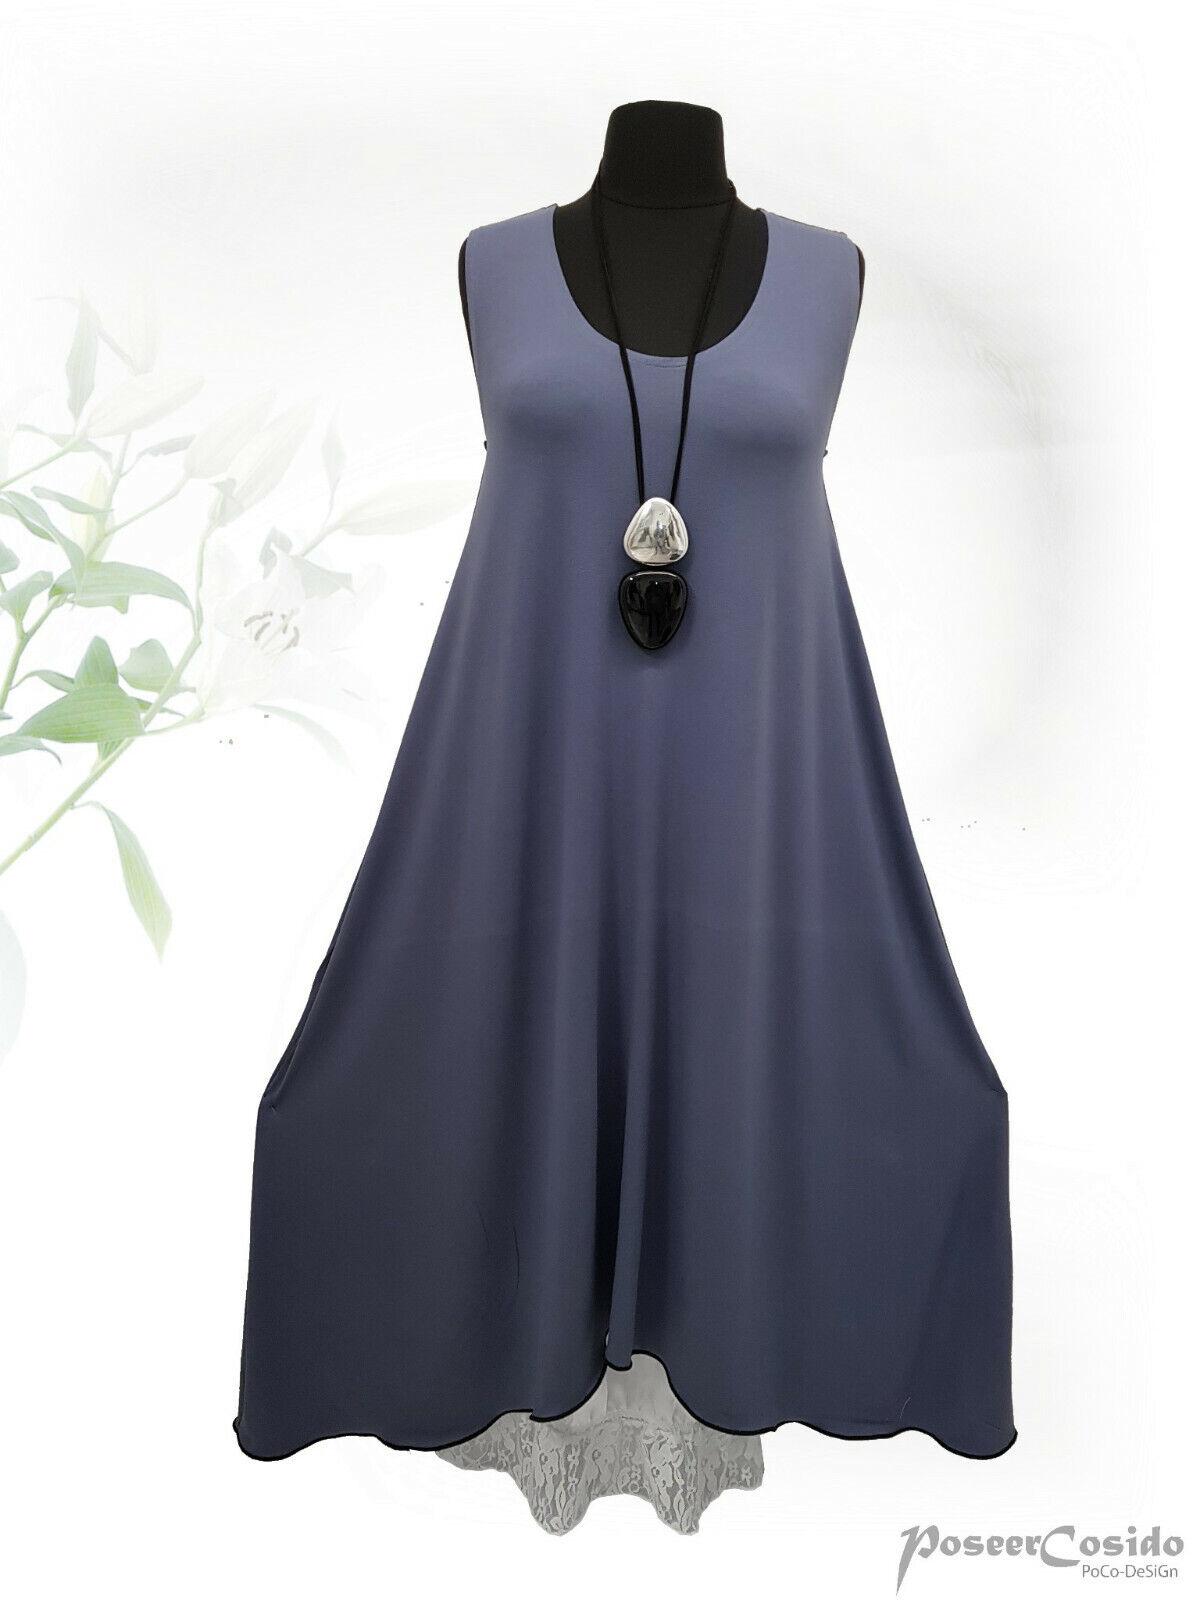 PoCo DeSiGn LAGENLOOK Dream° Top Zwischenteil Long-Shirt Kleid  L-XL-XXL-XXXL